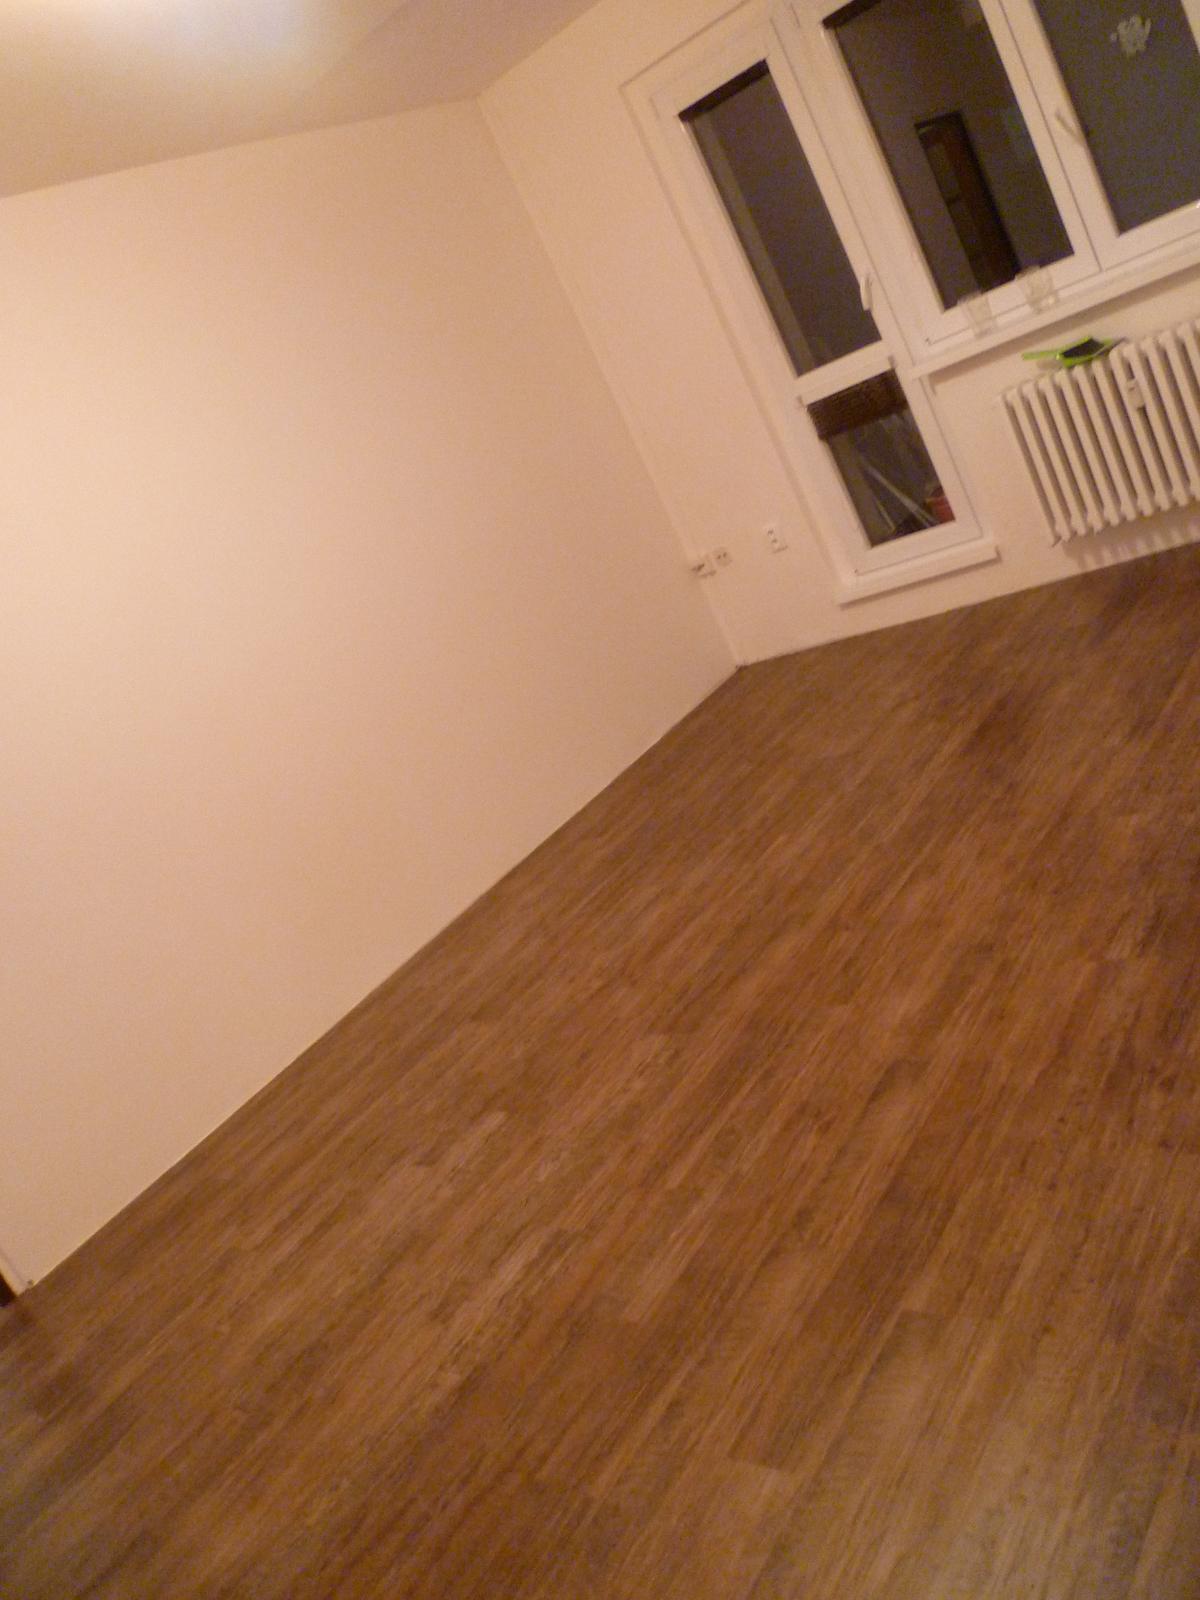 Máme položenou podlahu!! Jupííí :-) ...sice zatím bez lišt, ale je. Lepený vinyl Farmářské dřevo - a líbí :-) - Obrázek č. 2